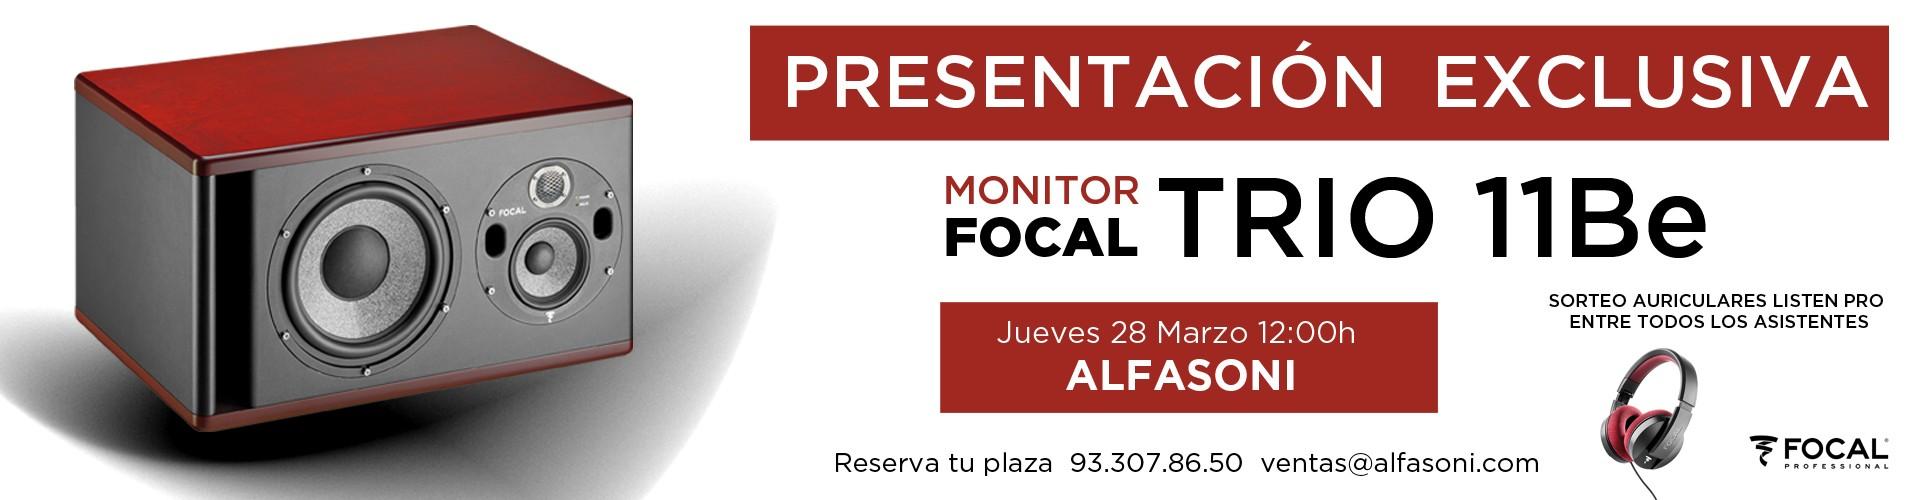 Presentación Monitor Focal TRIO 11Be